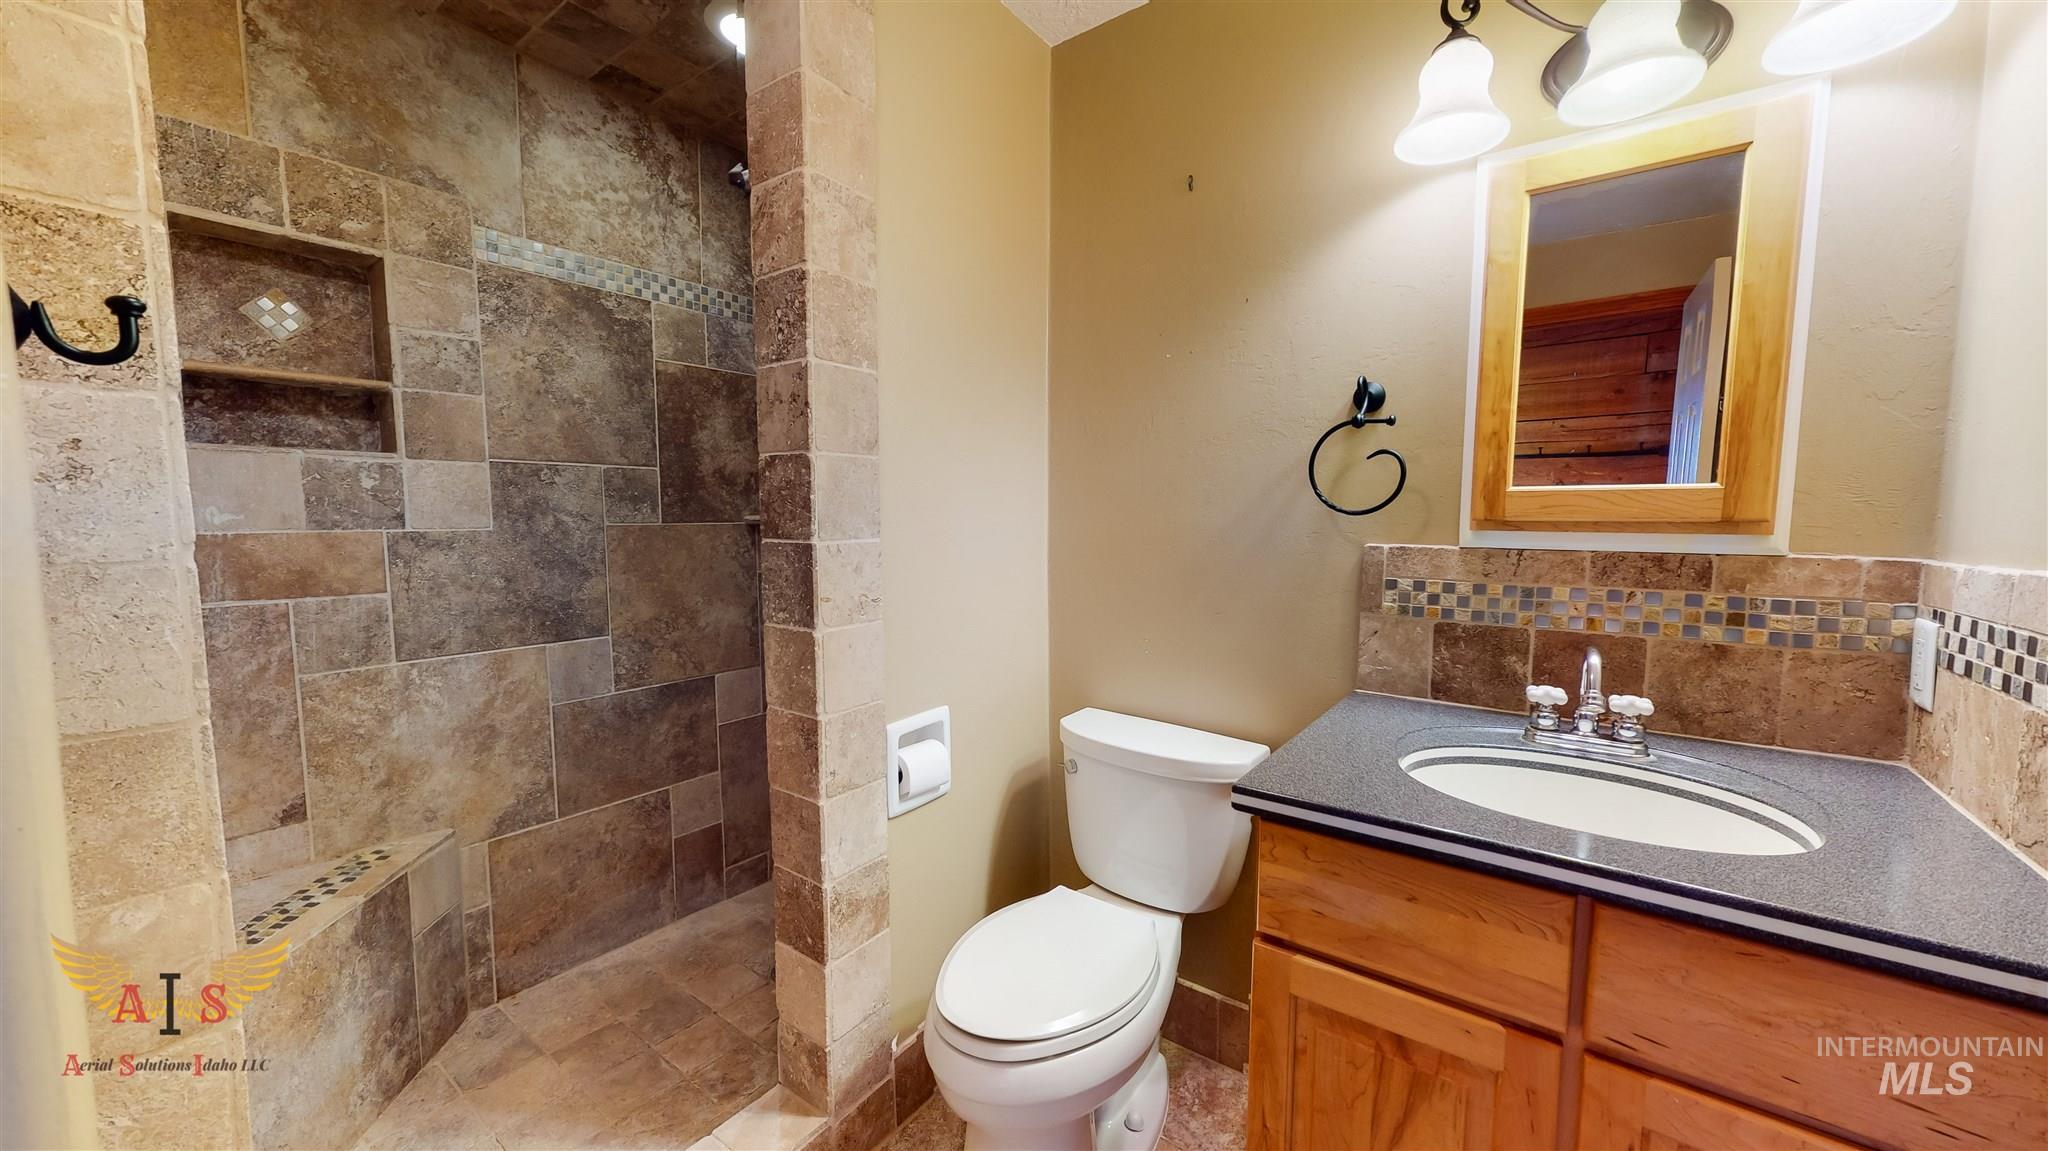 352 S 500 W Property Photo 10